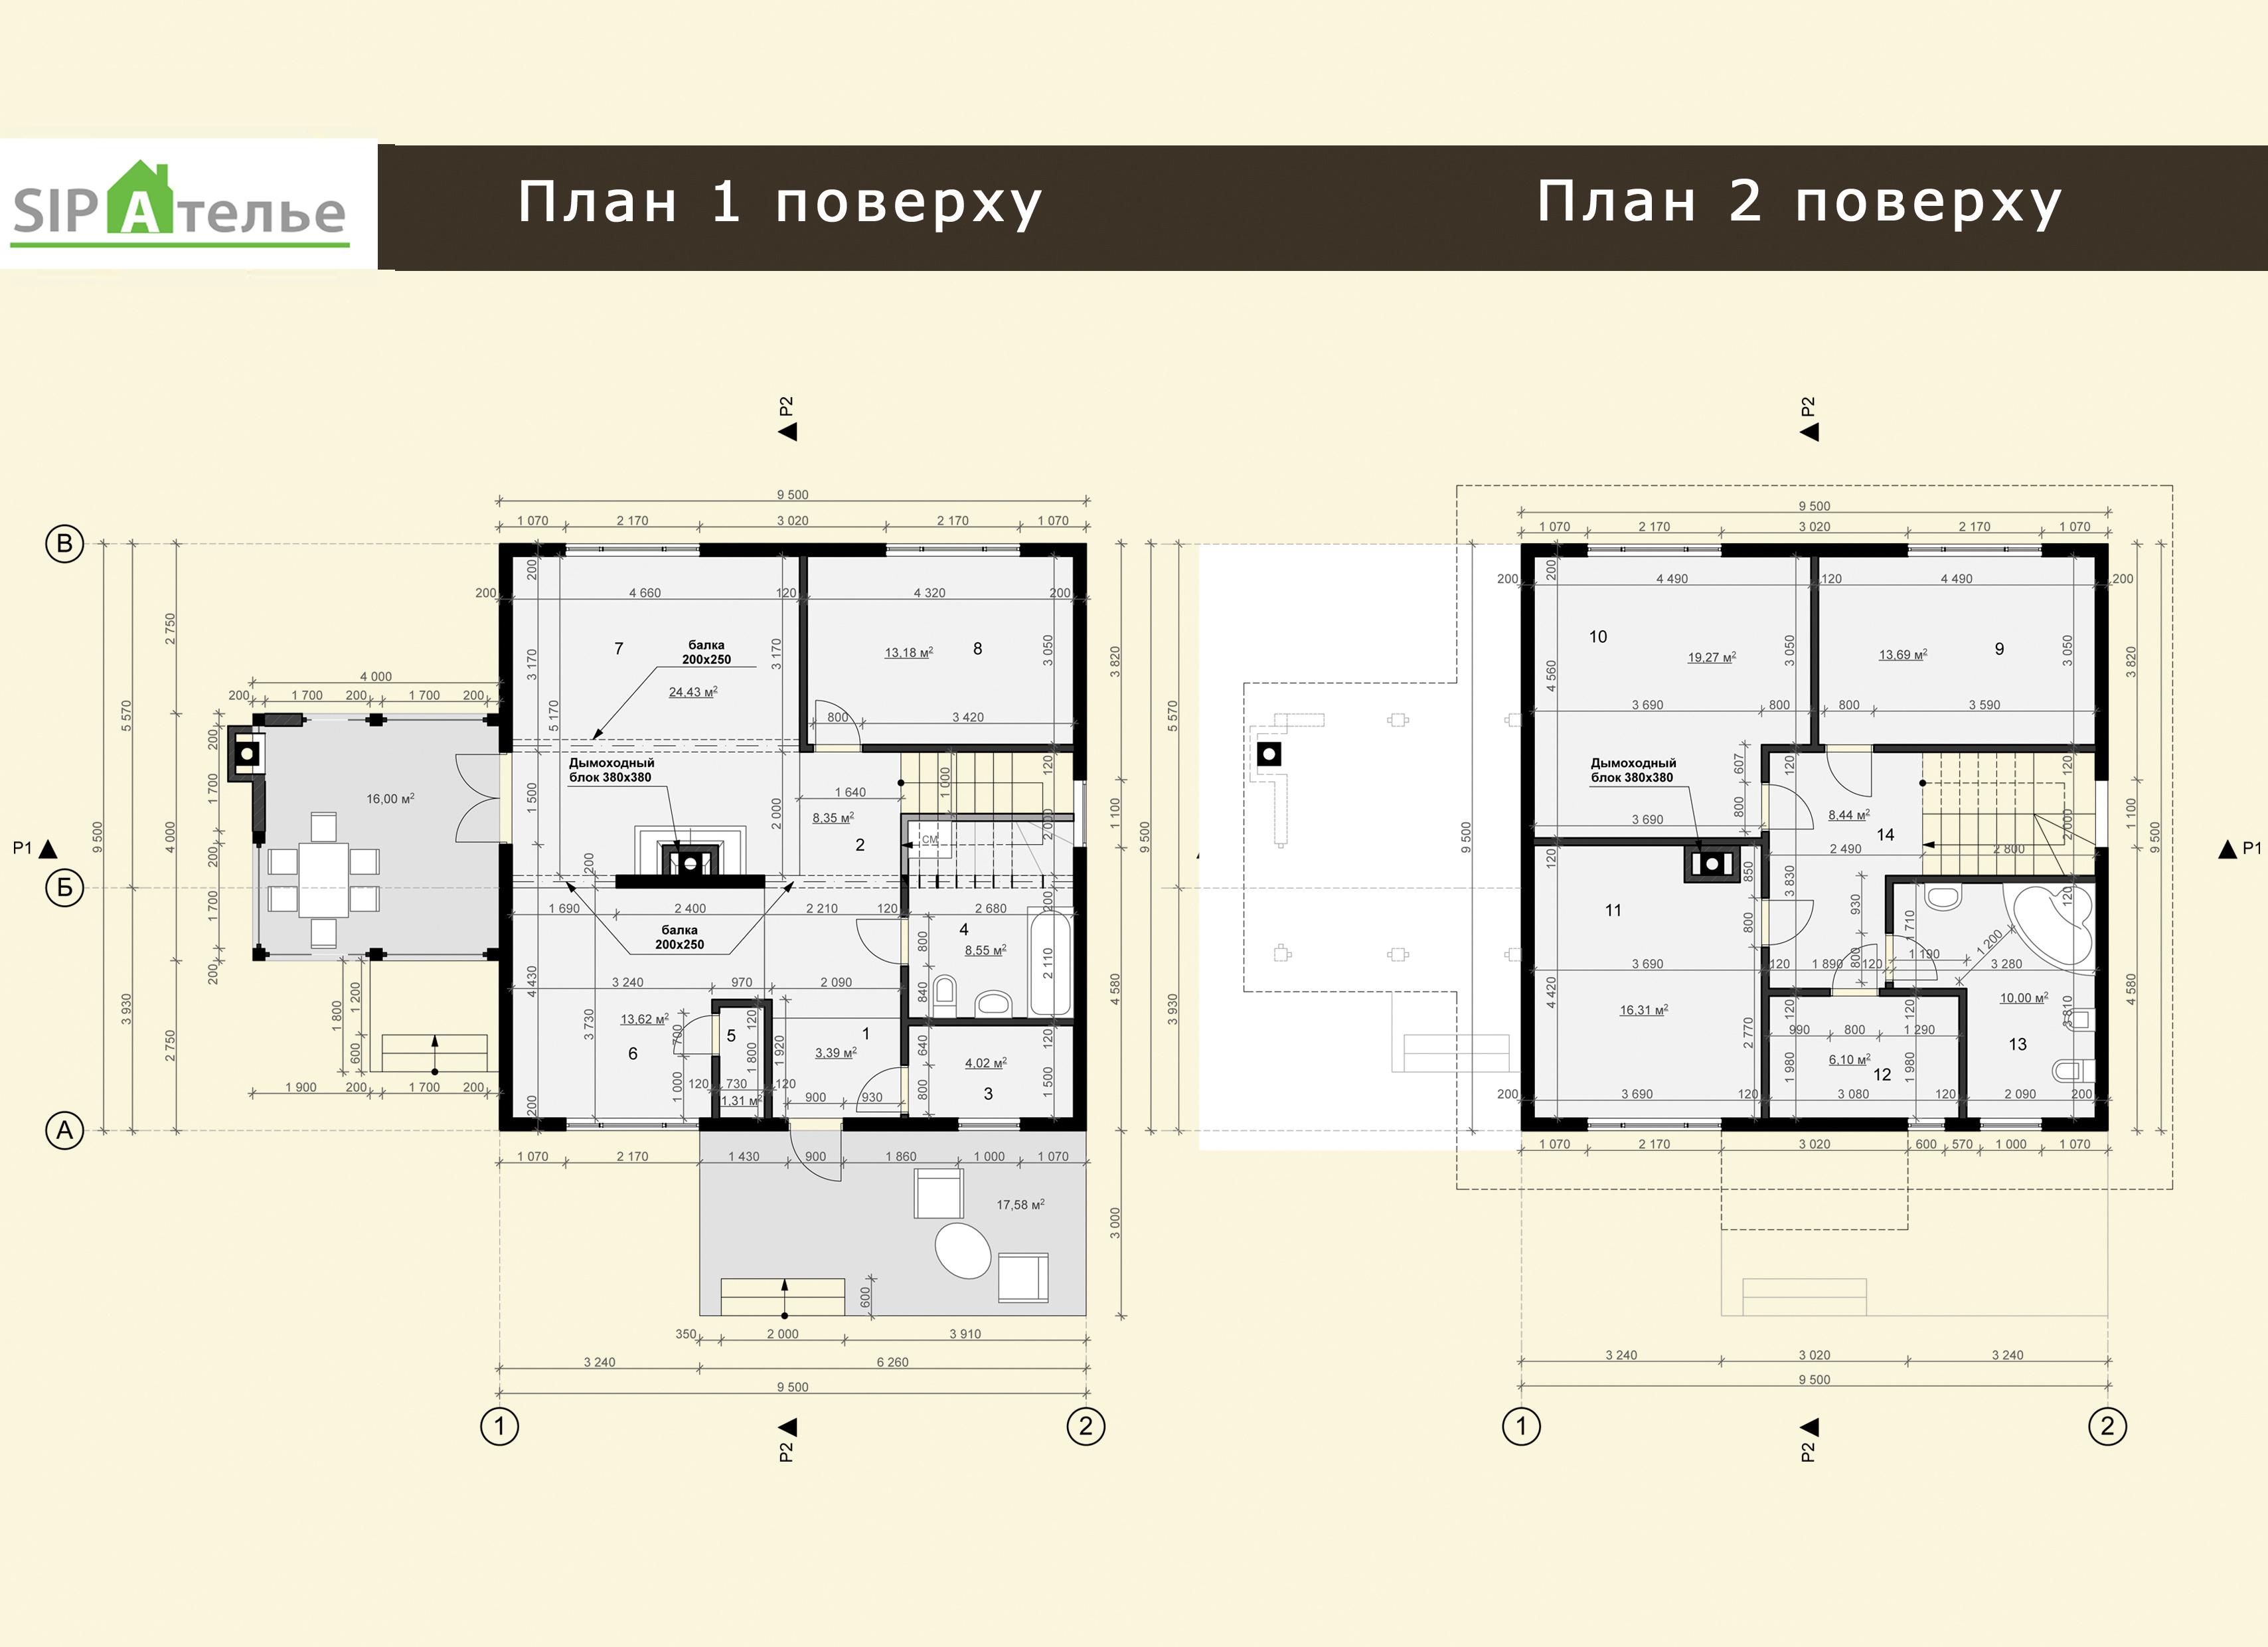 Планировка двухэтажного дома из сип панелей «Далс» 180,5 М2